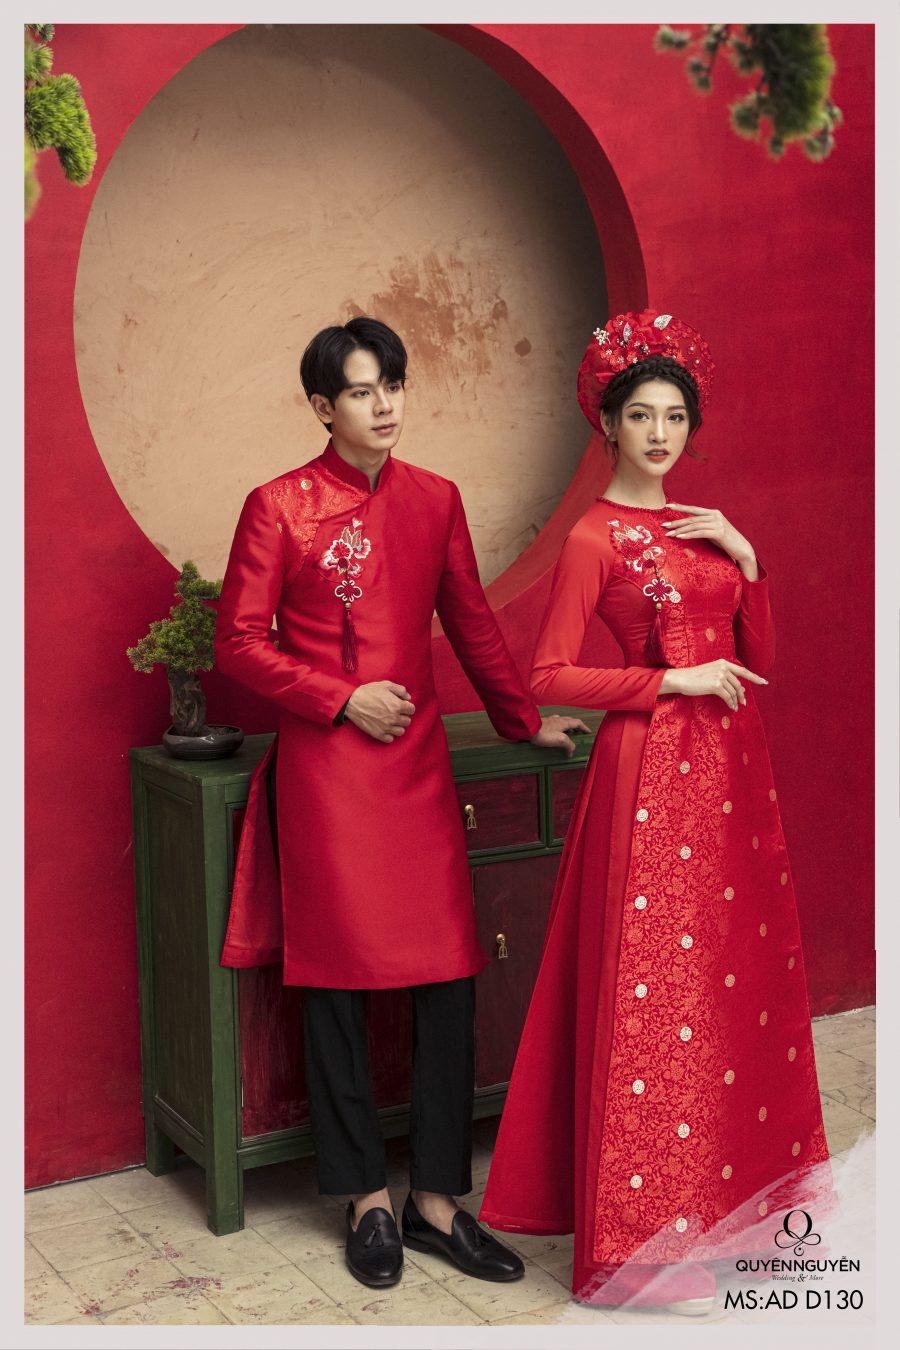 Áo dài đôi màu đỏ ADD130 thêu họa tiết hoa mẫu đơn bên vai